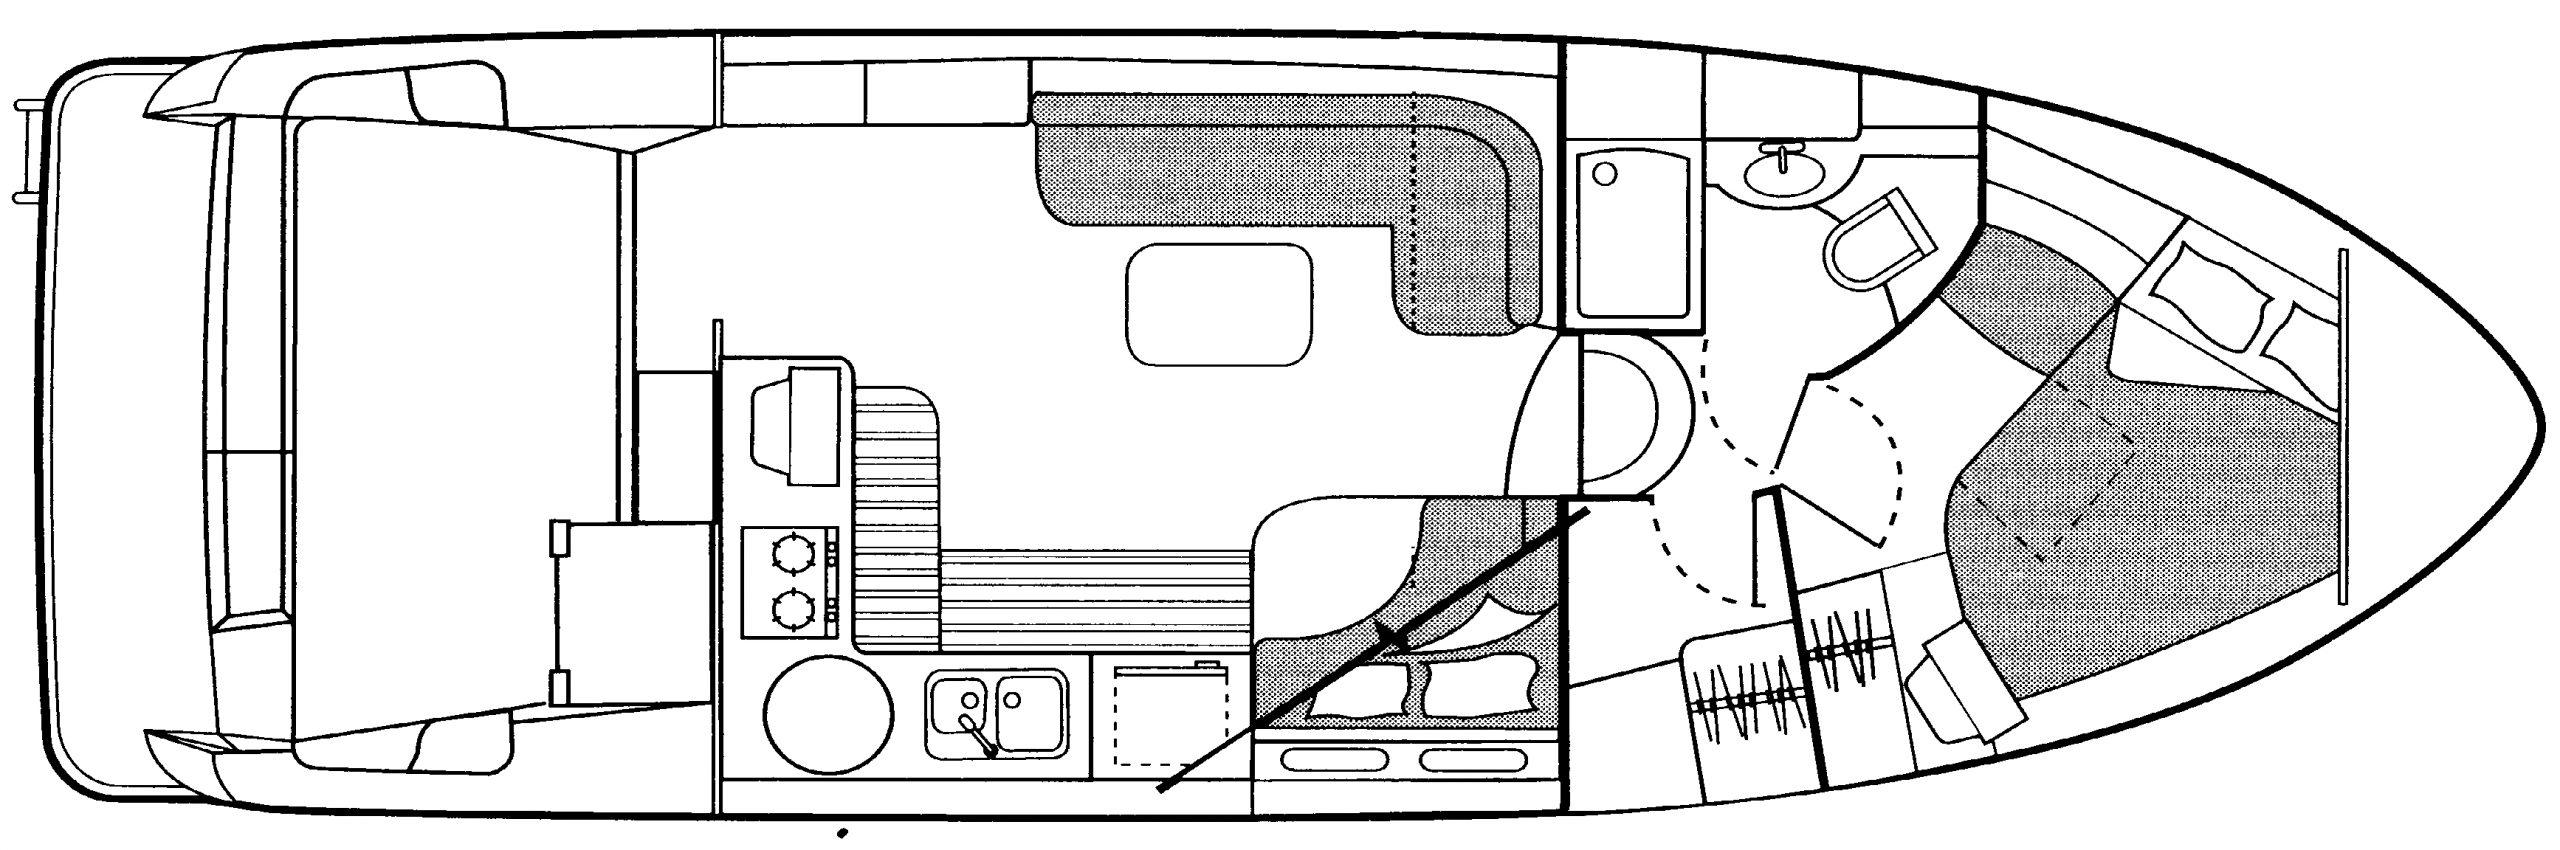 3488 Command Bridge Floor Plan 1